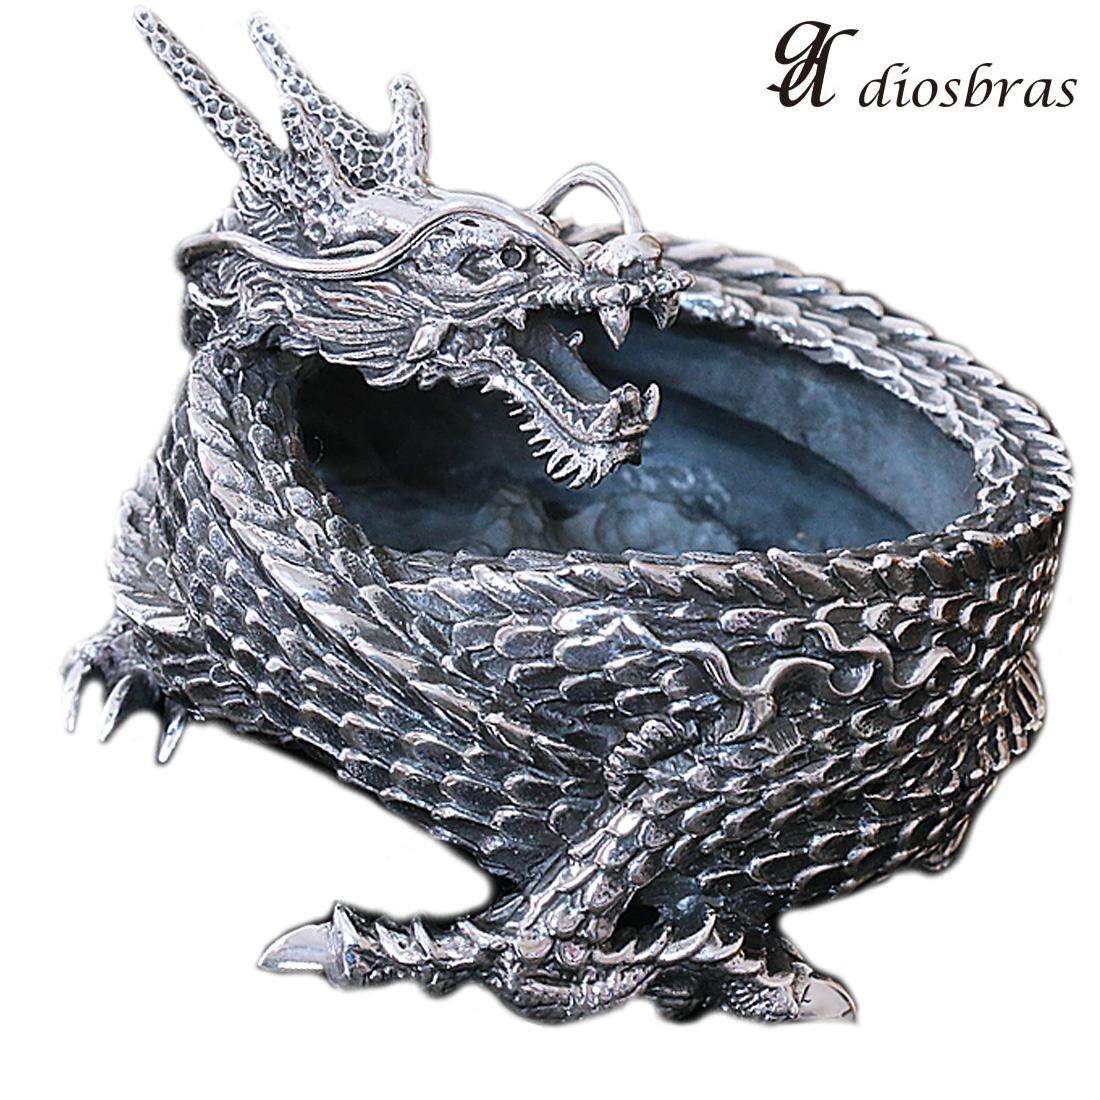 ドラゴン 竜 龍 灰皿 アッシュトレイ ZIPPO ジッポ シルバー925 スターリングシルバー